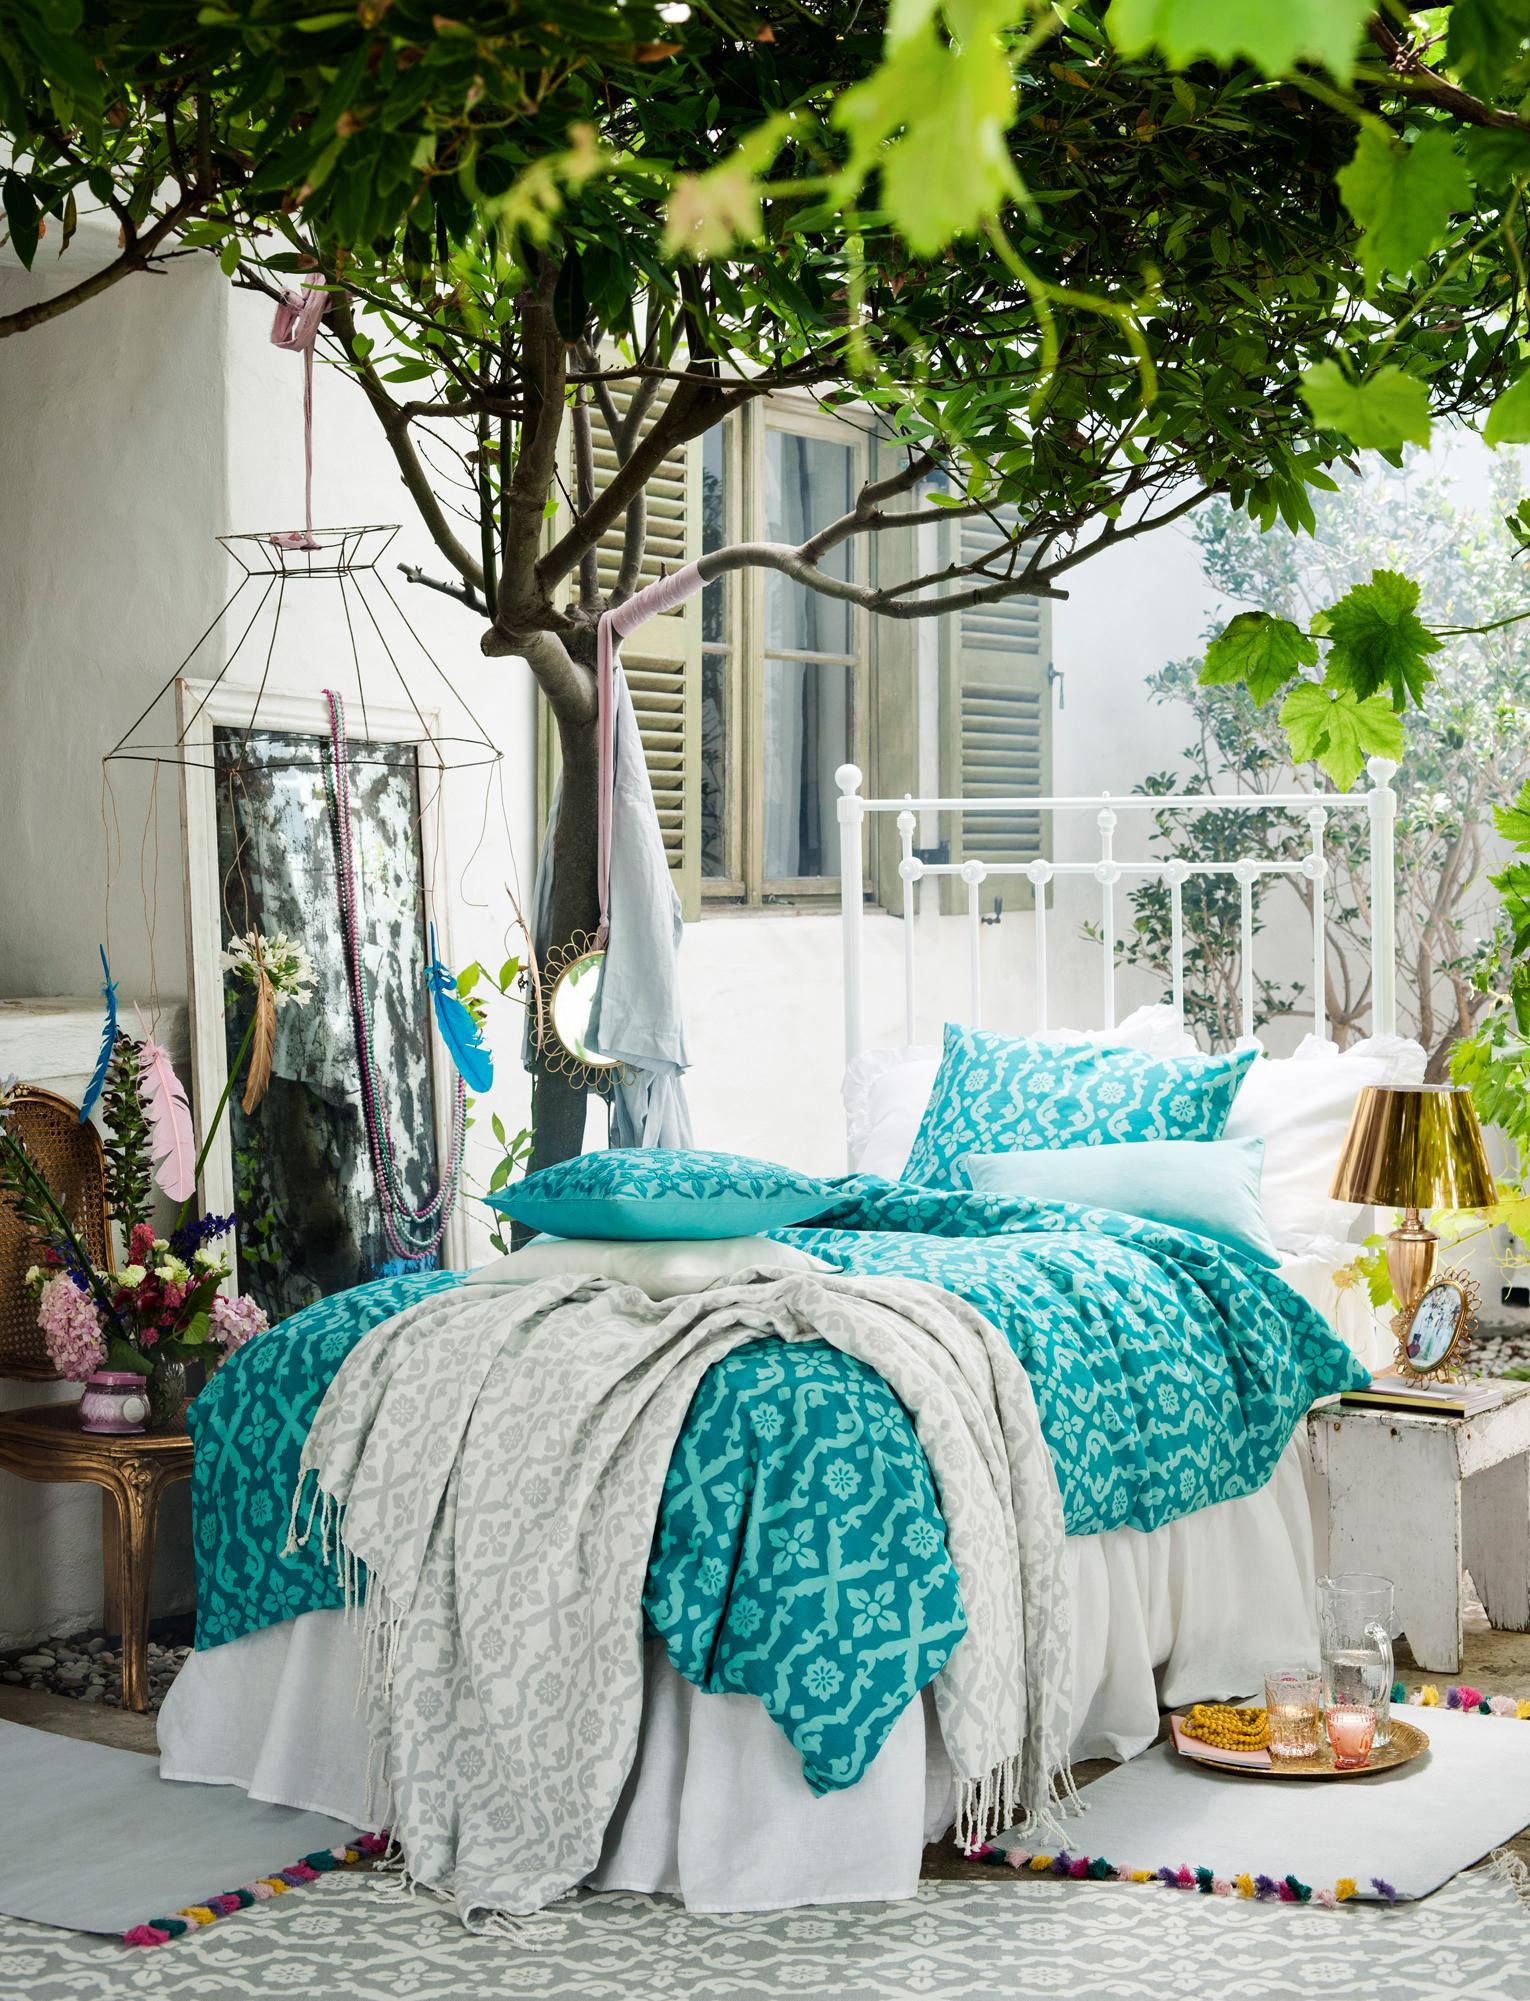 outdoor bett auf der terrasse beistelltisch bett. Black Bedroom Furniture Sets. Home Design Ideas